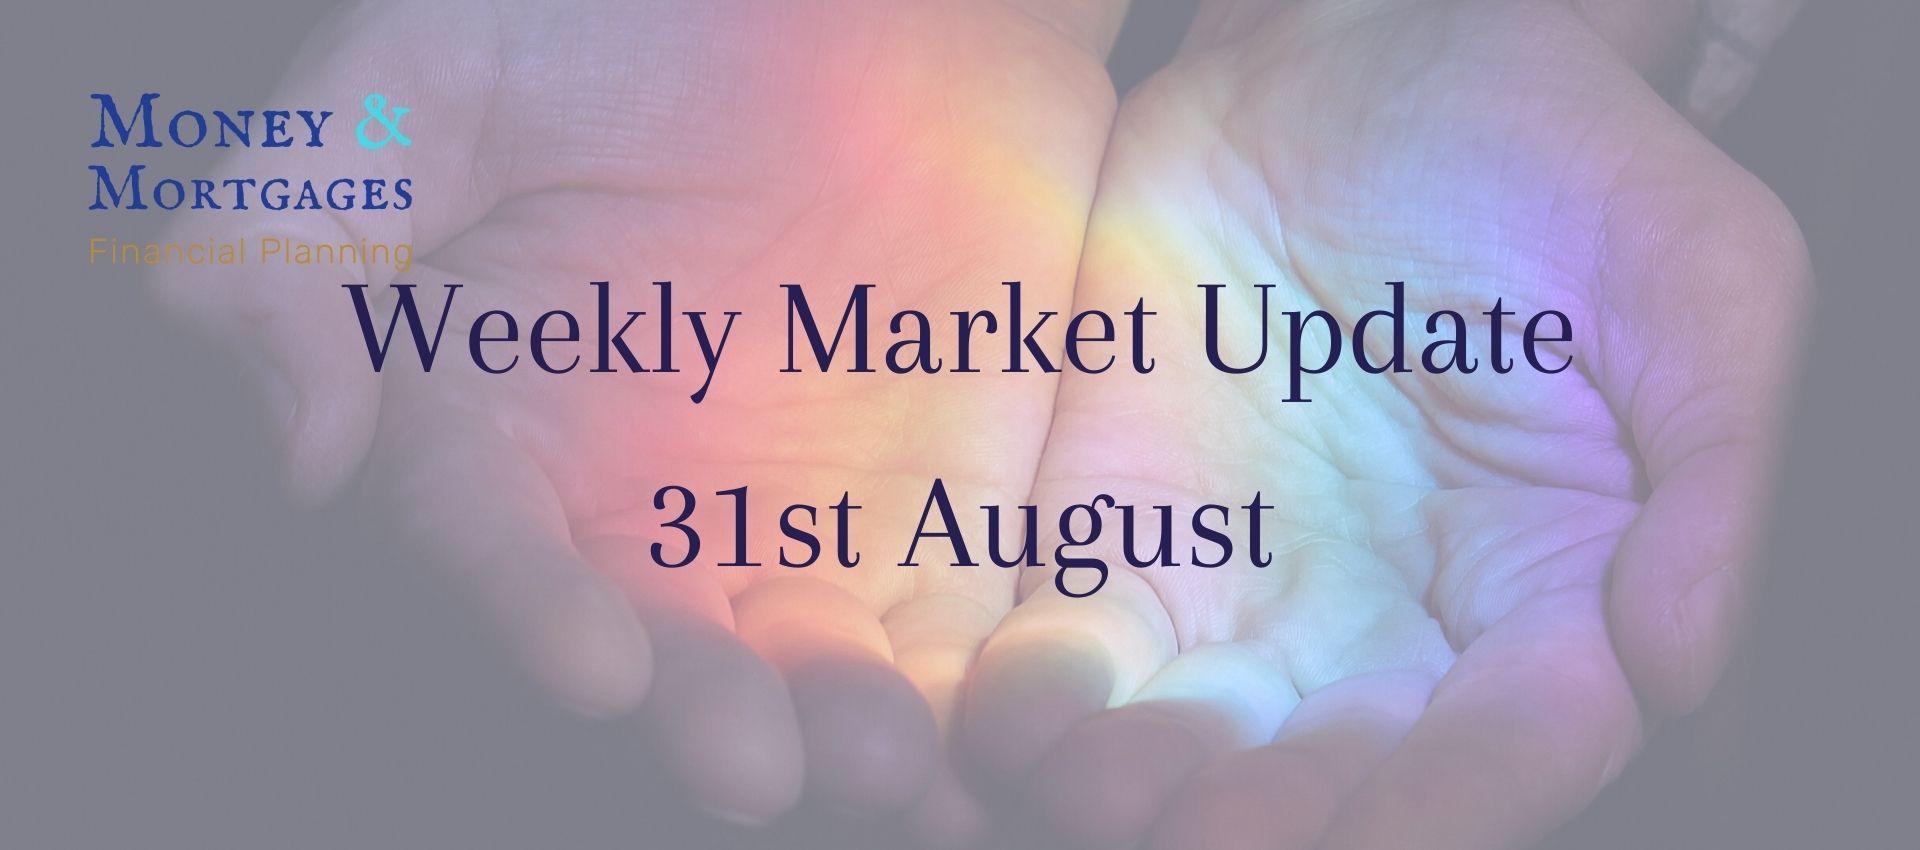 31st Aug Market Update